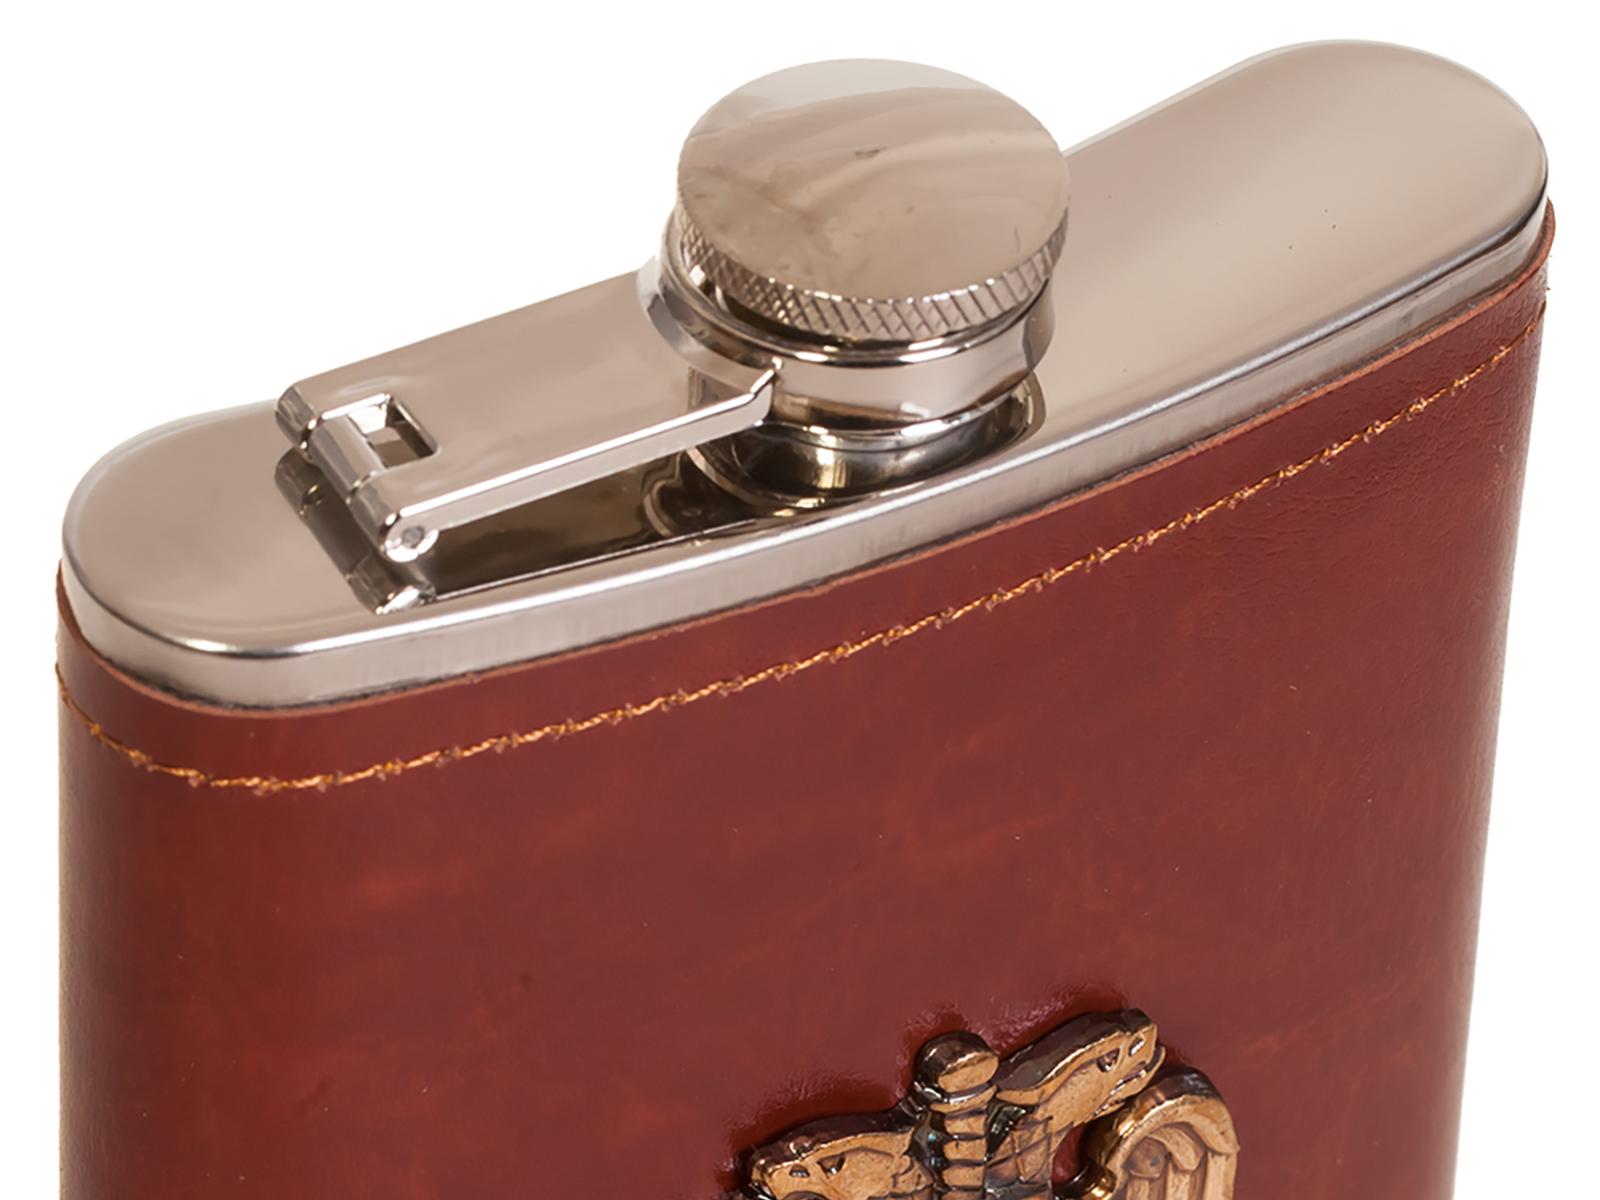 Надежная мужская фляга в кожаной оплетке  с накладкой ФСО - купить по низкой цене